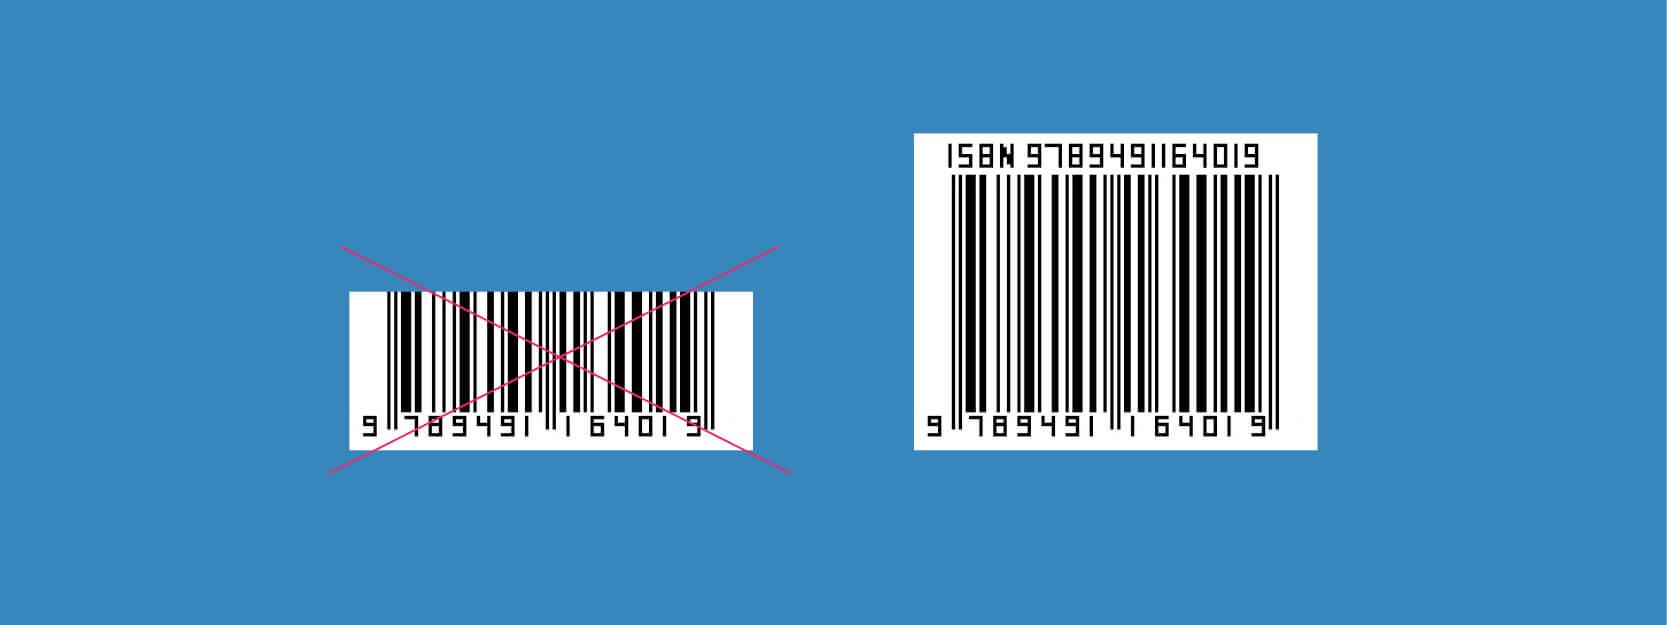 Artikel barcode generator